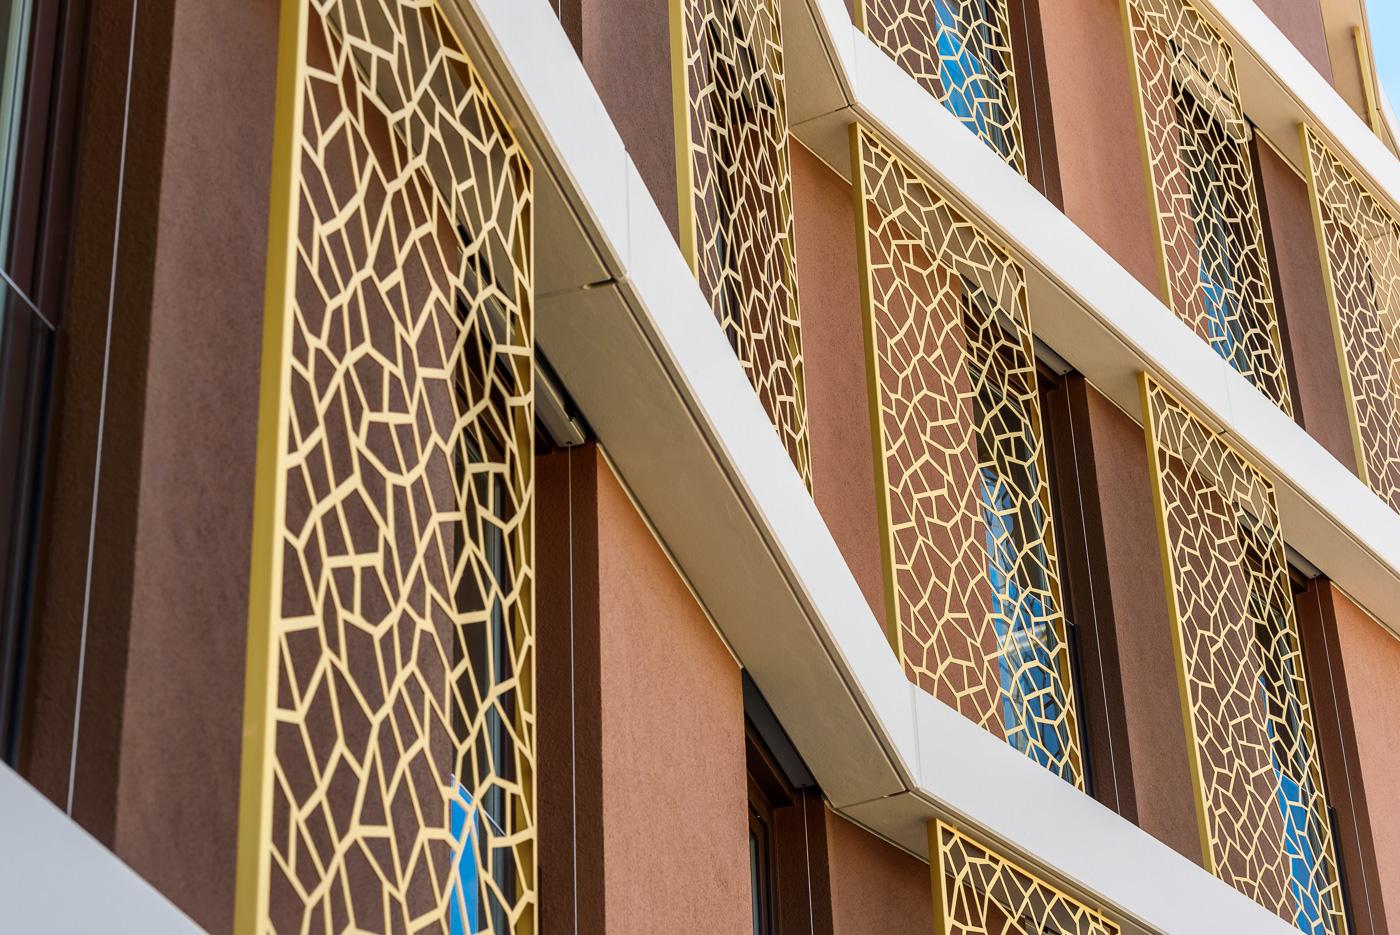 PP Architekturfotografie 012